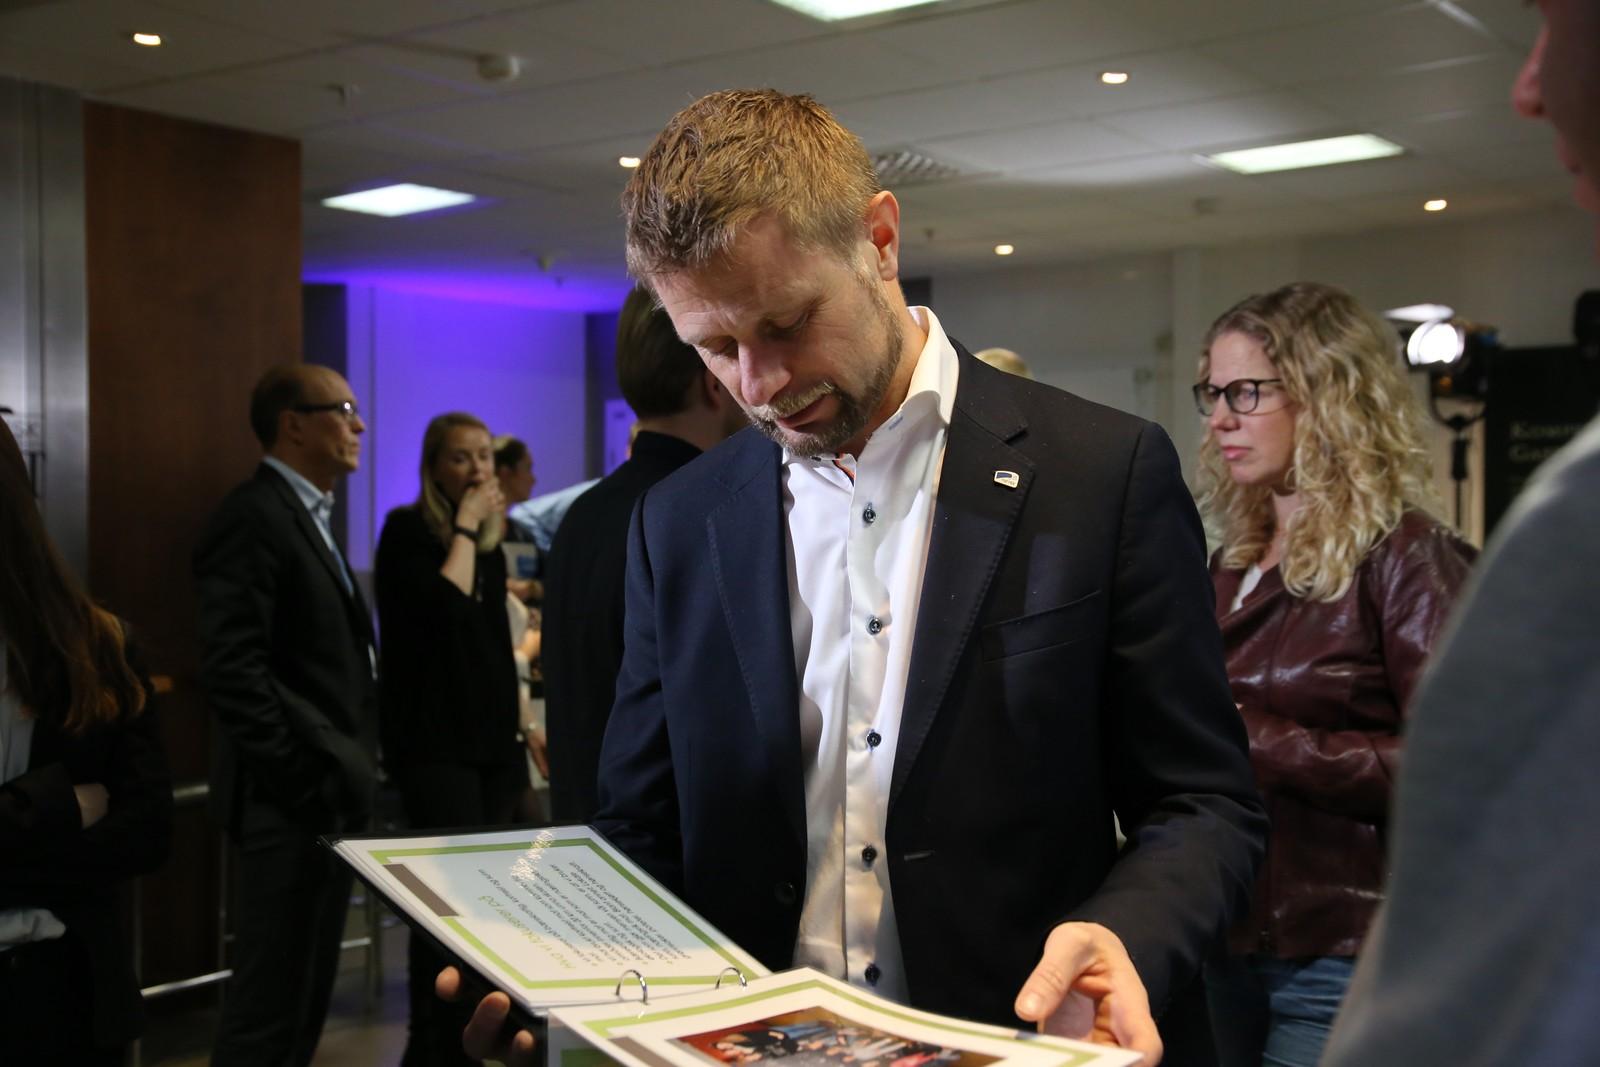 Helse- og omsorgsminister Bent Høie (H) var til stede i Måltidets hus fredag.